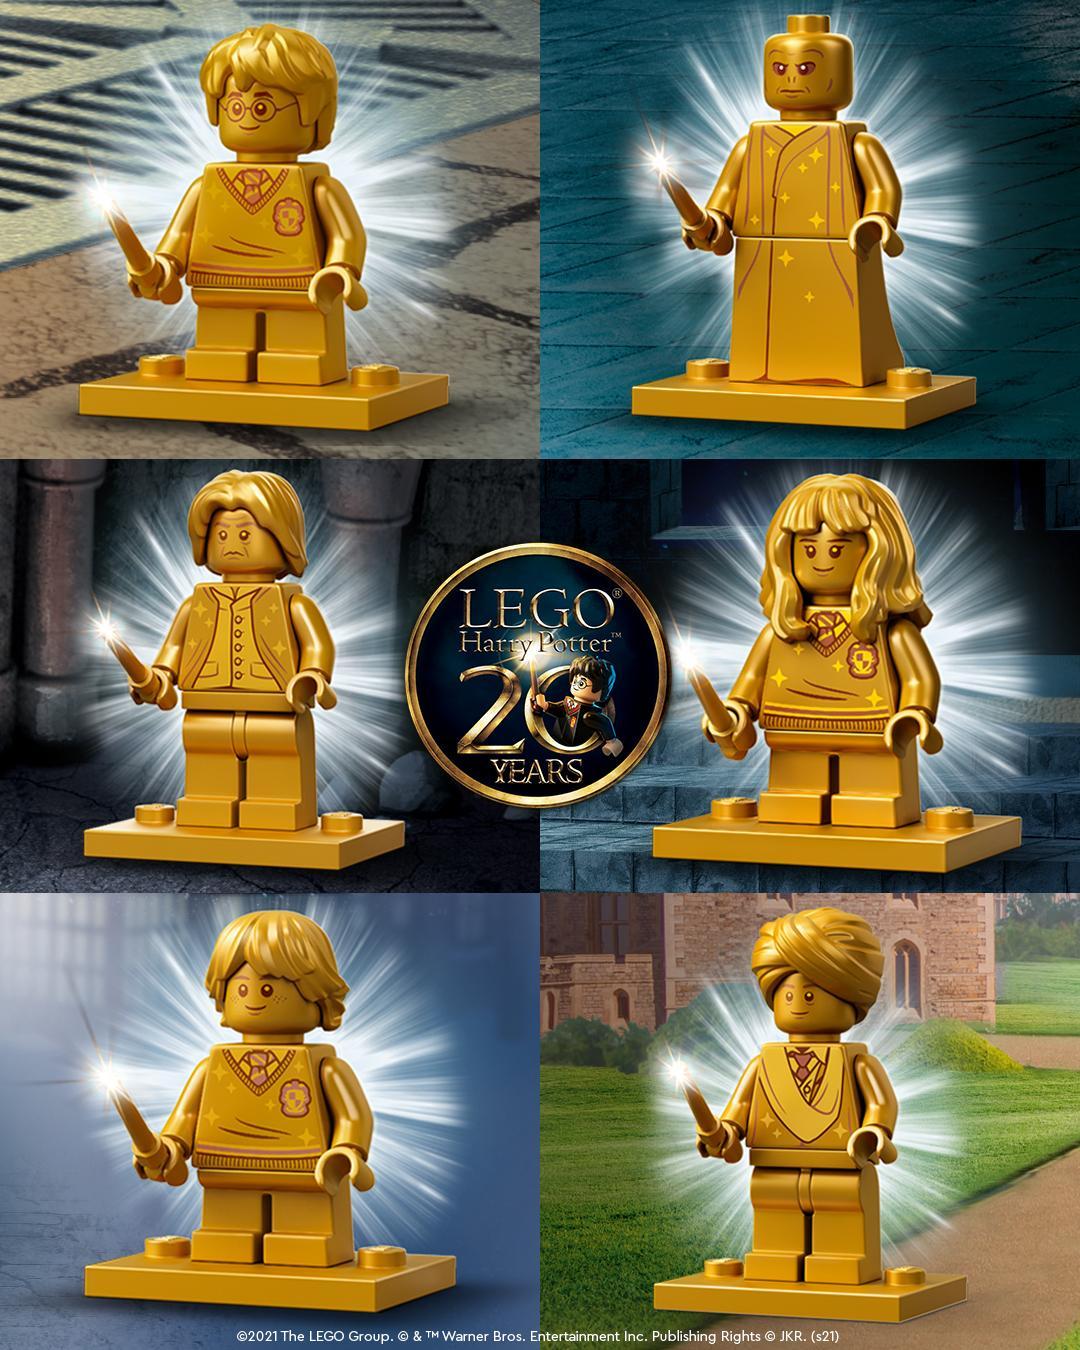 LEGO Harry Potter 20th Anniverary Goldene Figuren